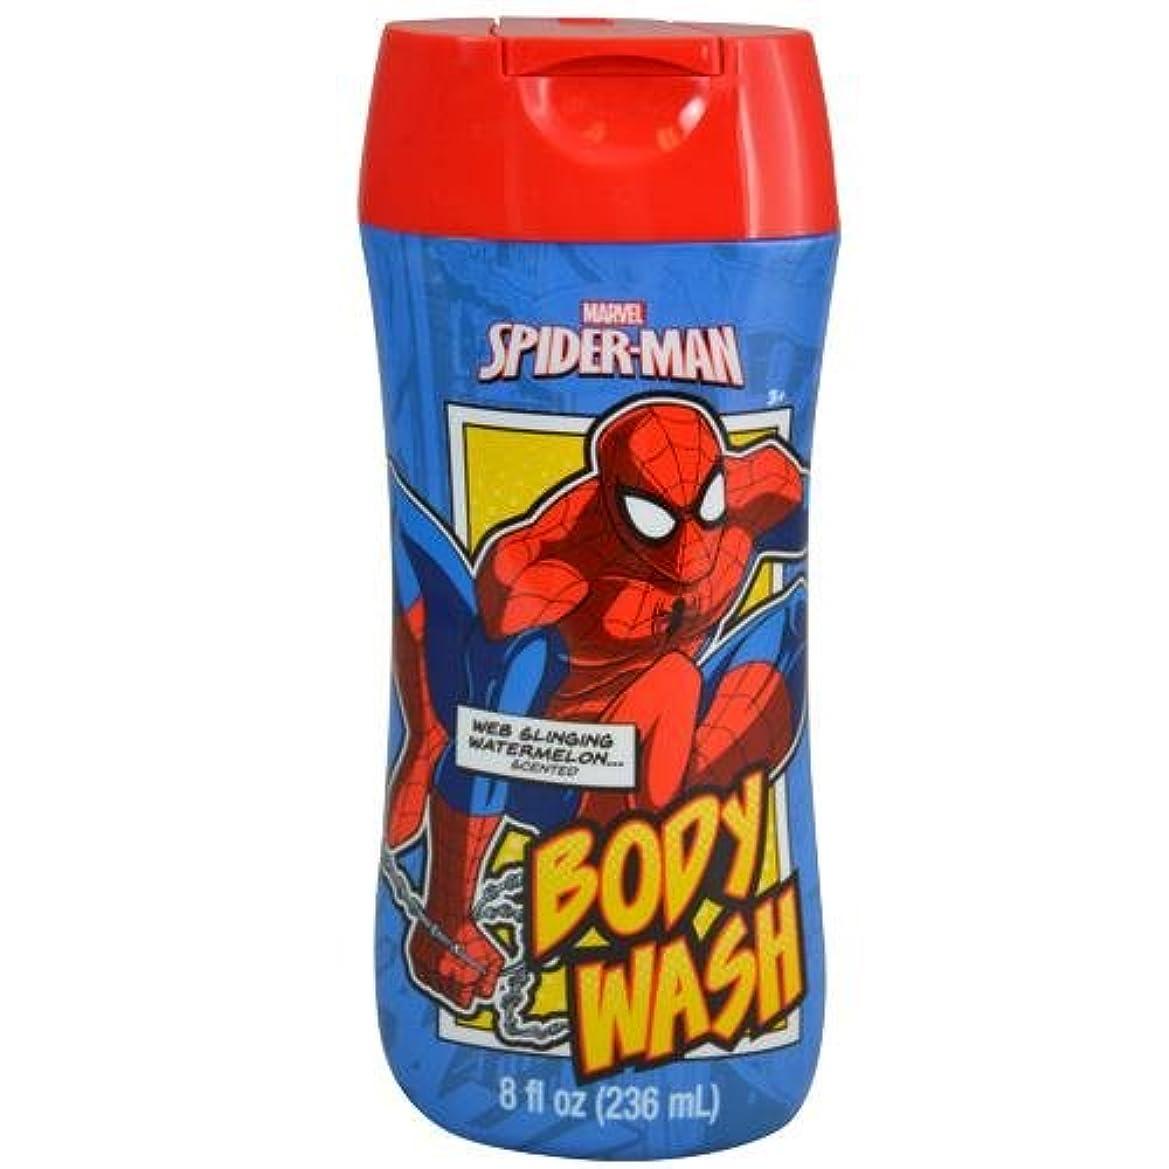 連想熱望する最初にスパイダーマン SPIDER-MAN ボディーソープ 12185 MARVEL お風呂 ボディ ソープ 子供用 キッズ ボディソープ MARVEL ボディウォッシュ マーベル ボディーウォッシュ【即日?翌日発送】